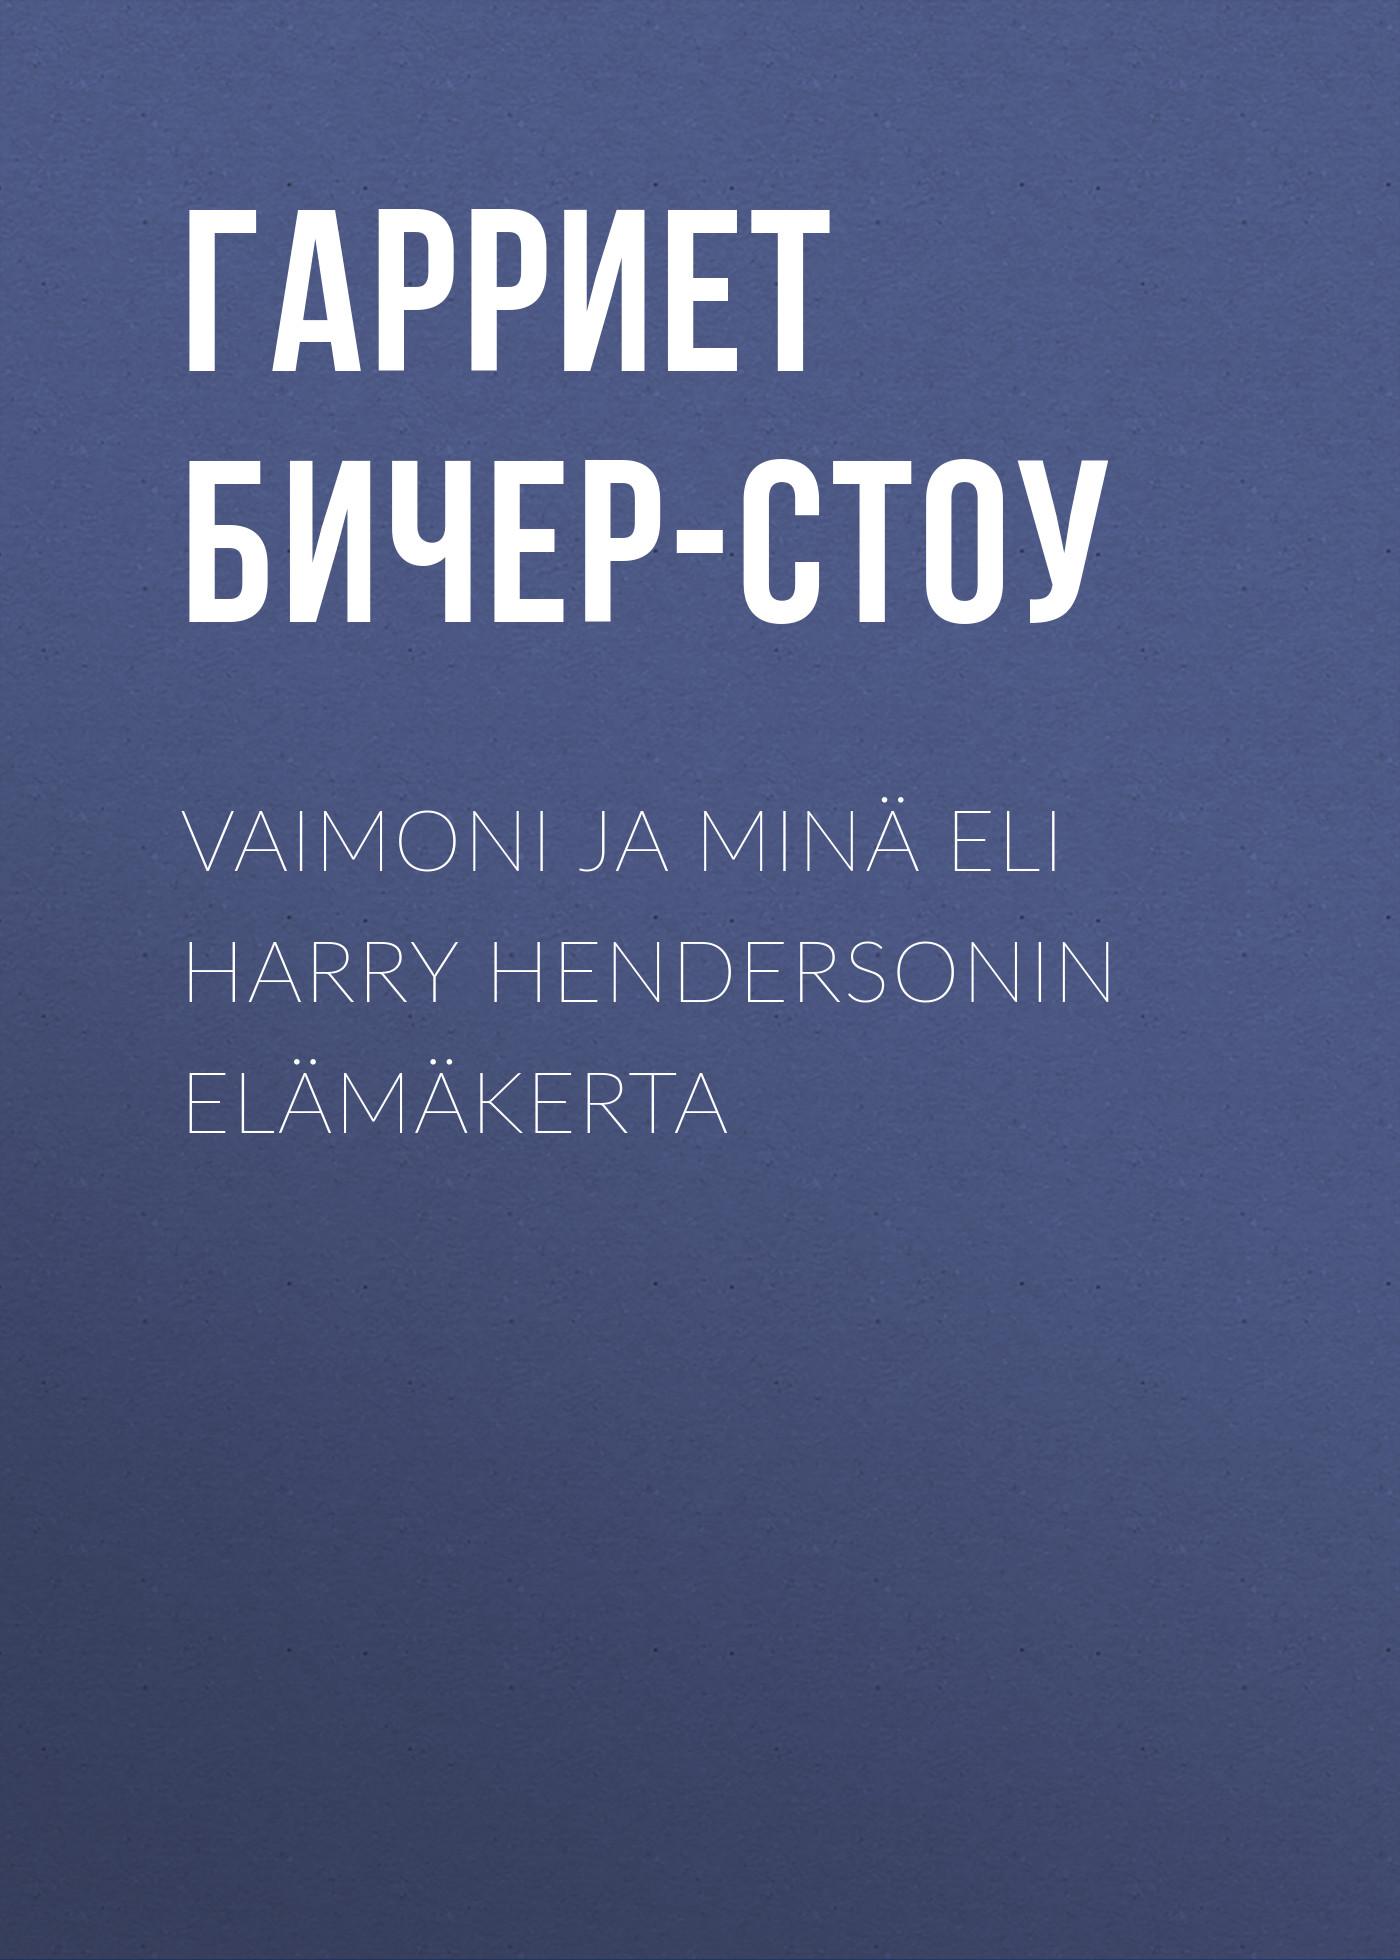 Vaimoni ja minä eli Harry Hendersonin elämäkerta